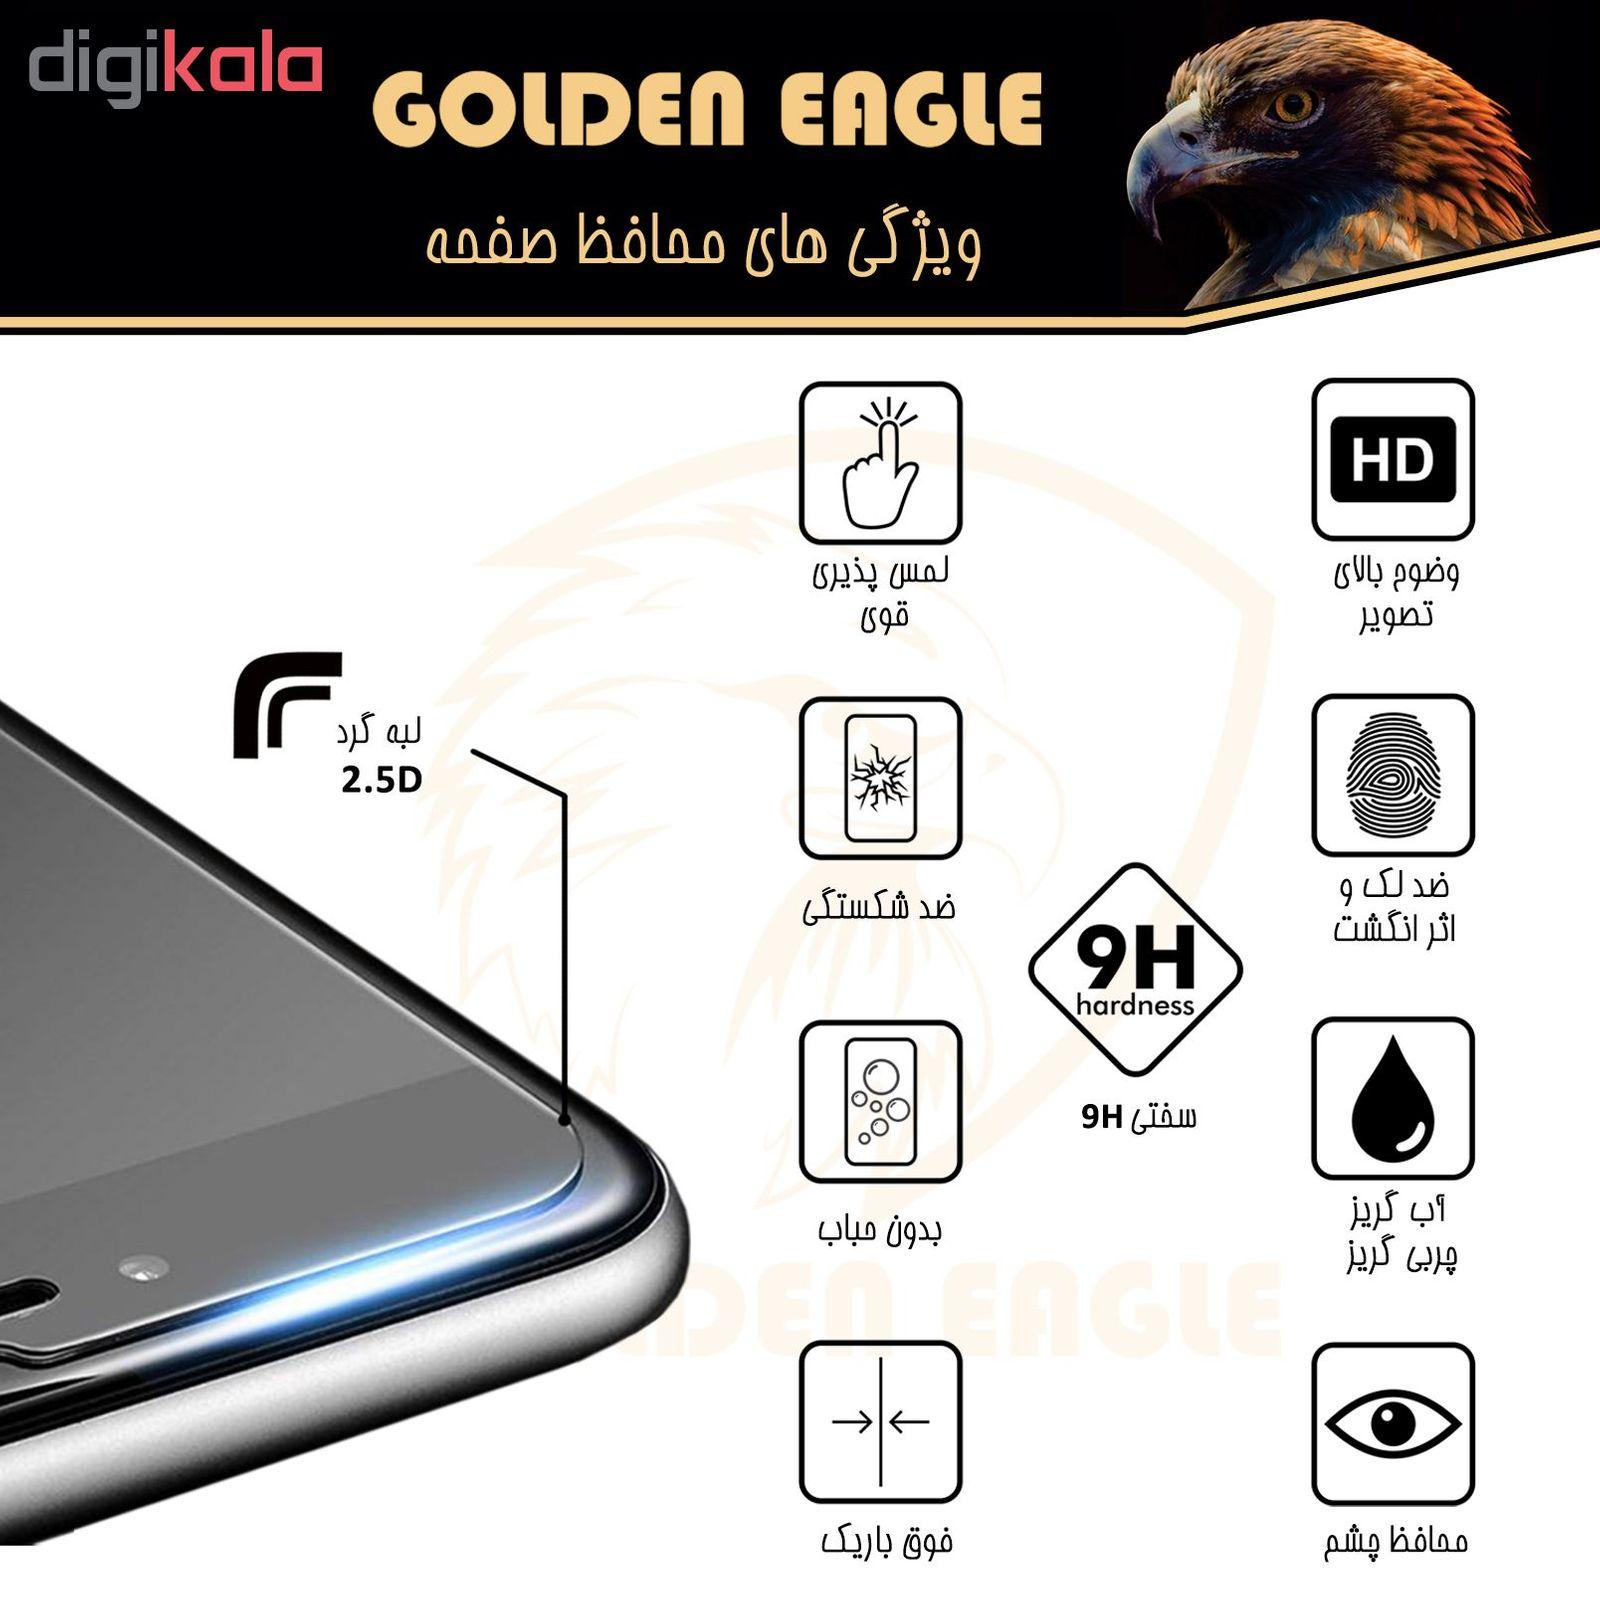 محافظ صفحه نمایش گلدن ایگل مدل GLC-X1 مناسب برای گوشی موبایل سامسونگ Galaxy A50s main 1 3